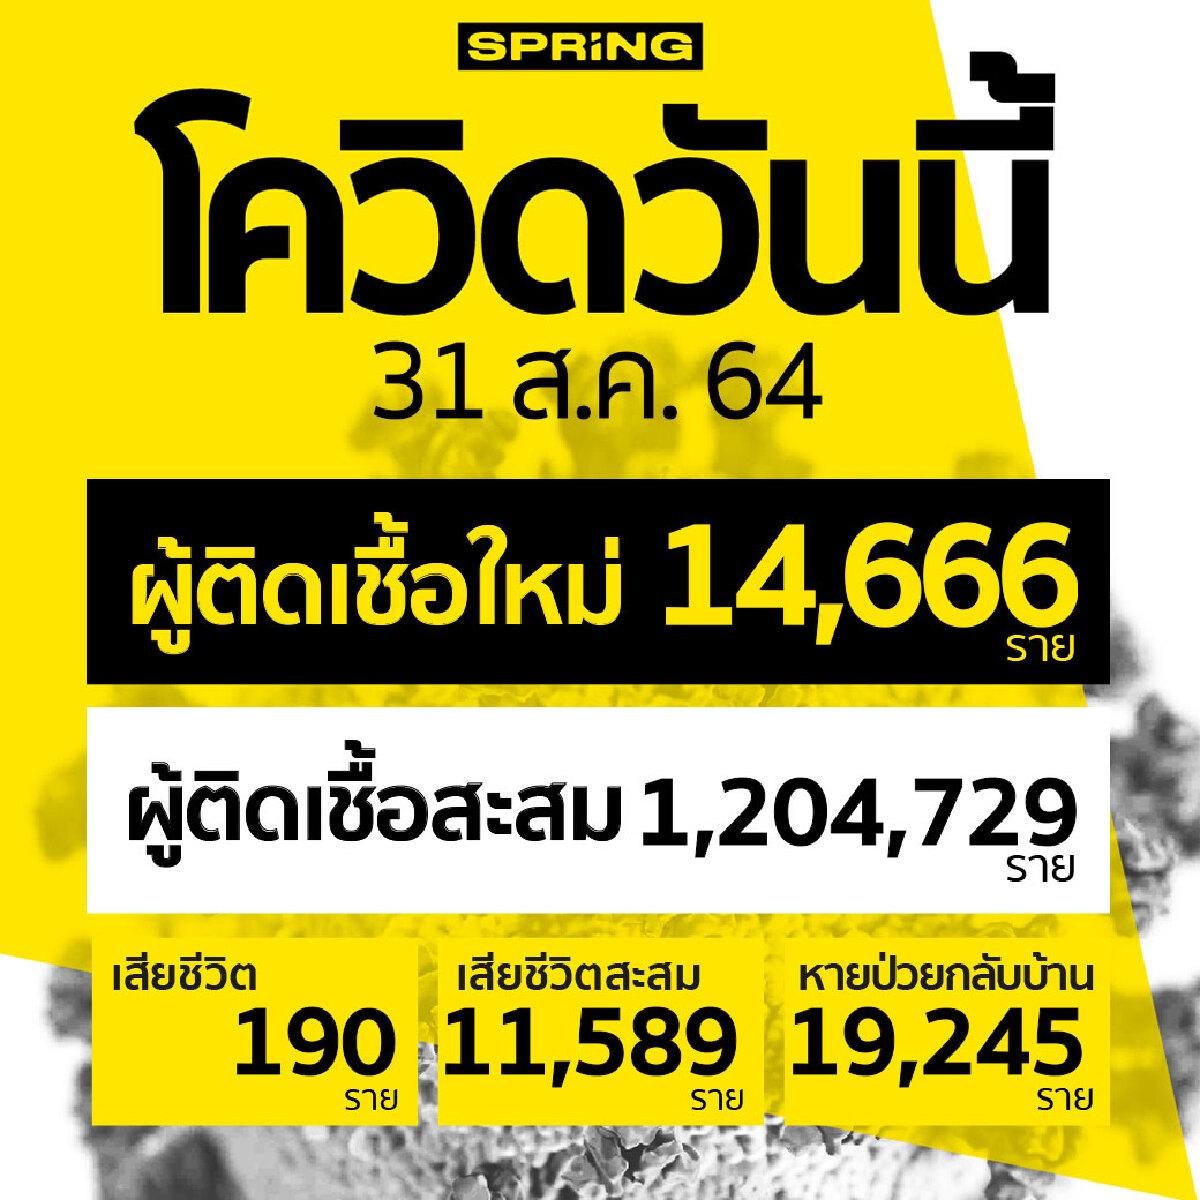 โควิดวันนี้ เสียชีวิตเพิ่ม 190 ราย สะสม 11,589 ราย ติดเชื้อเพิ่ม 14,666 ราย